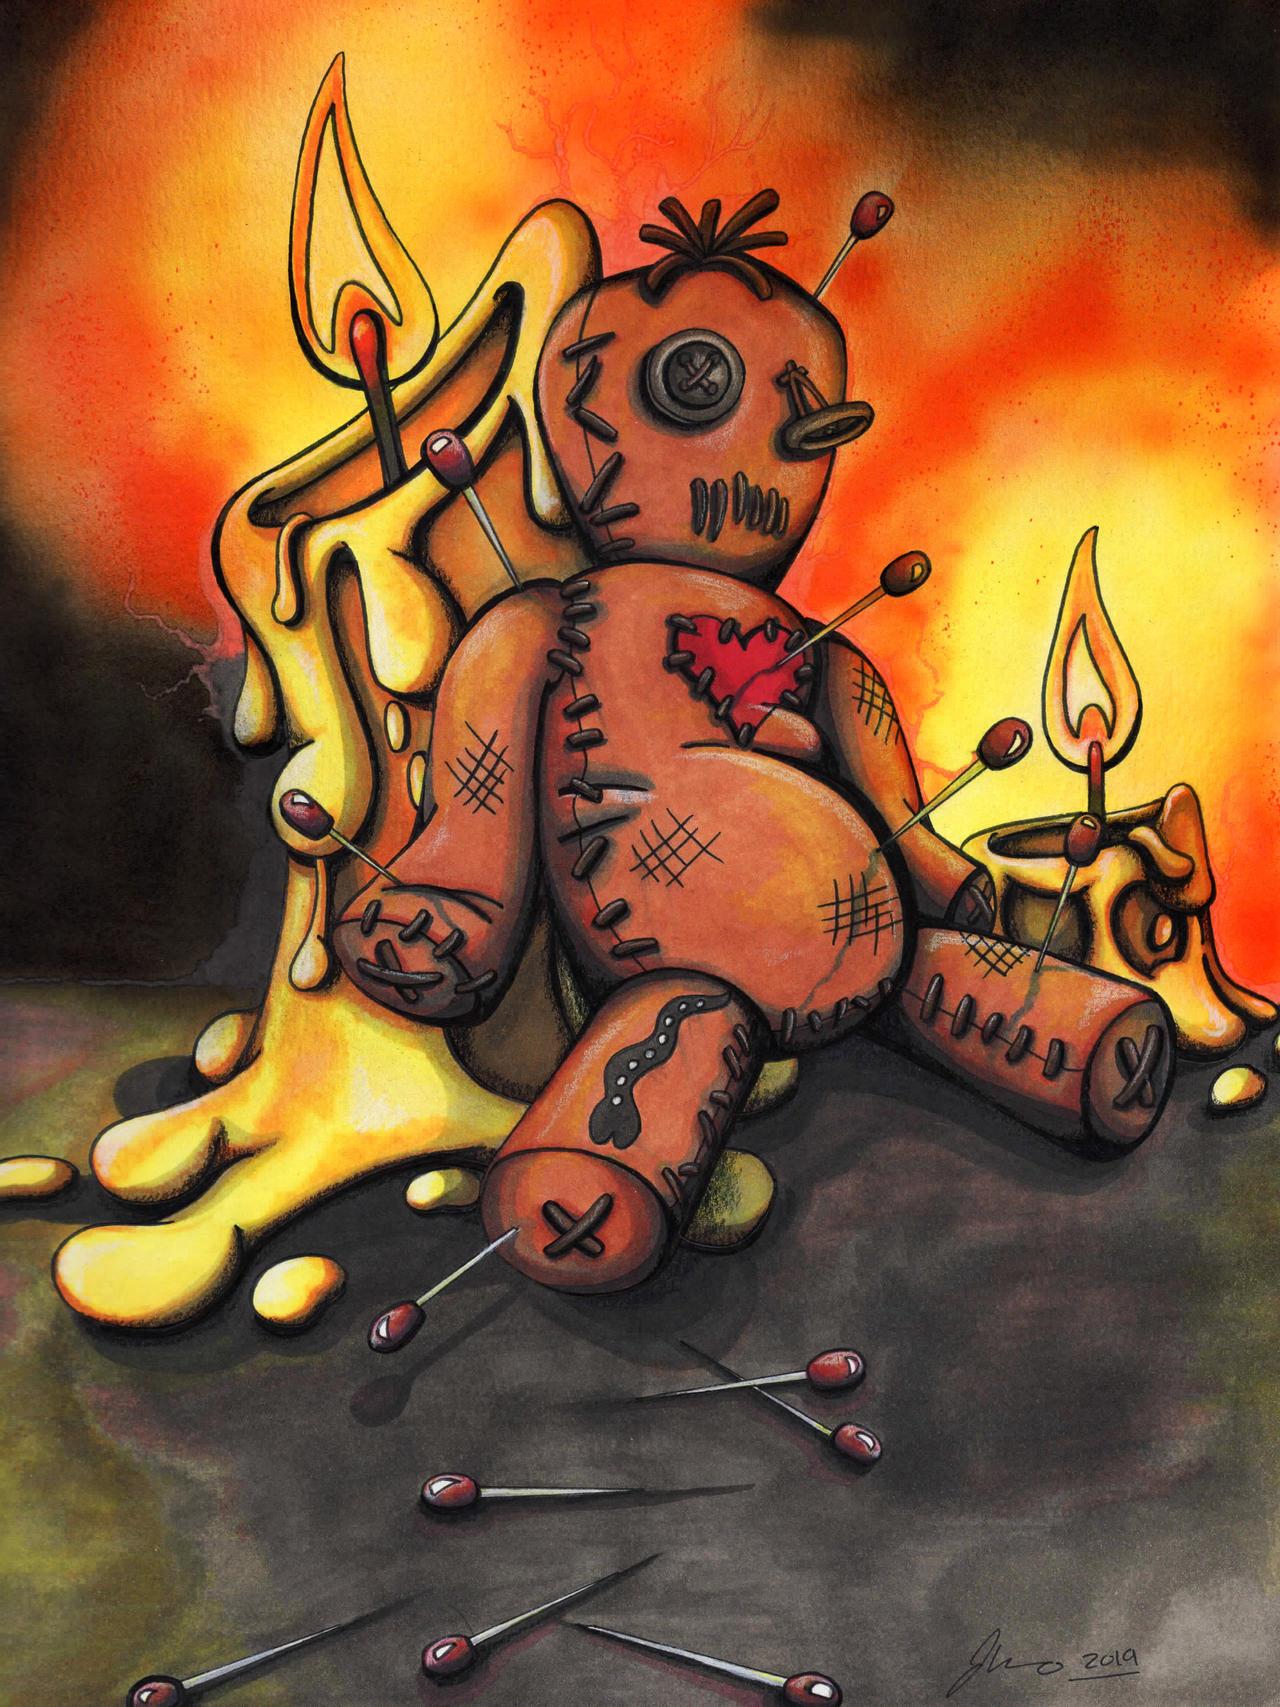 VooDoo Doll - Self Sabotage